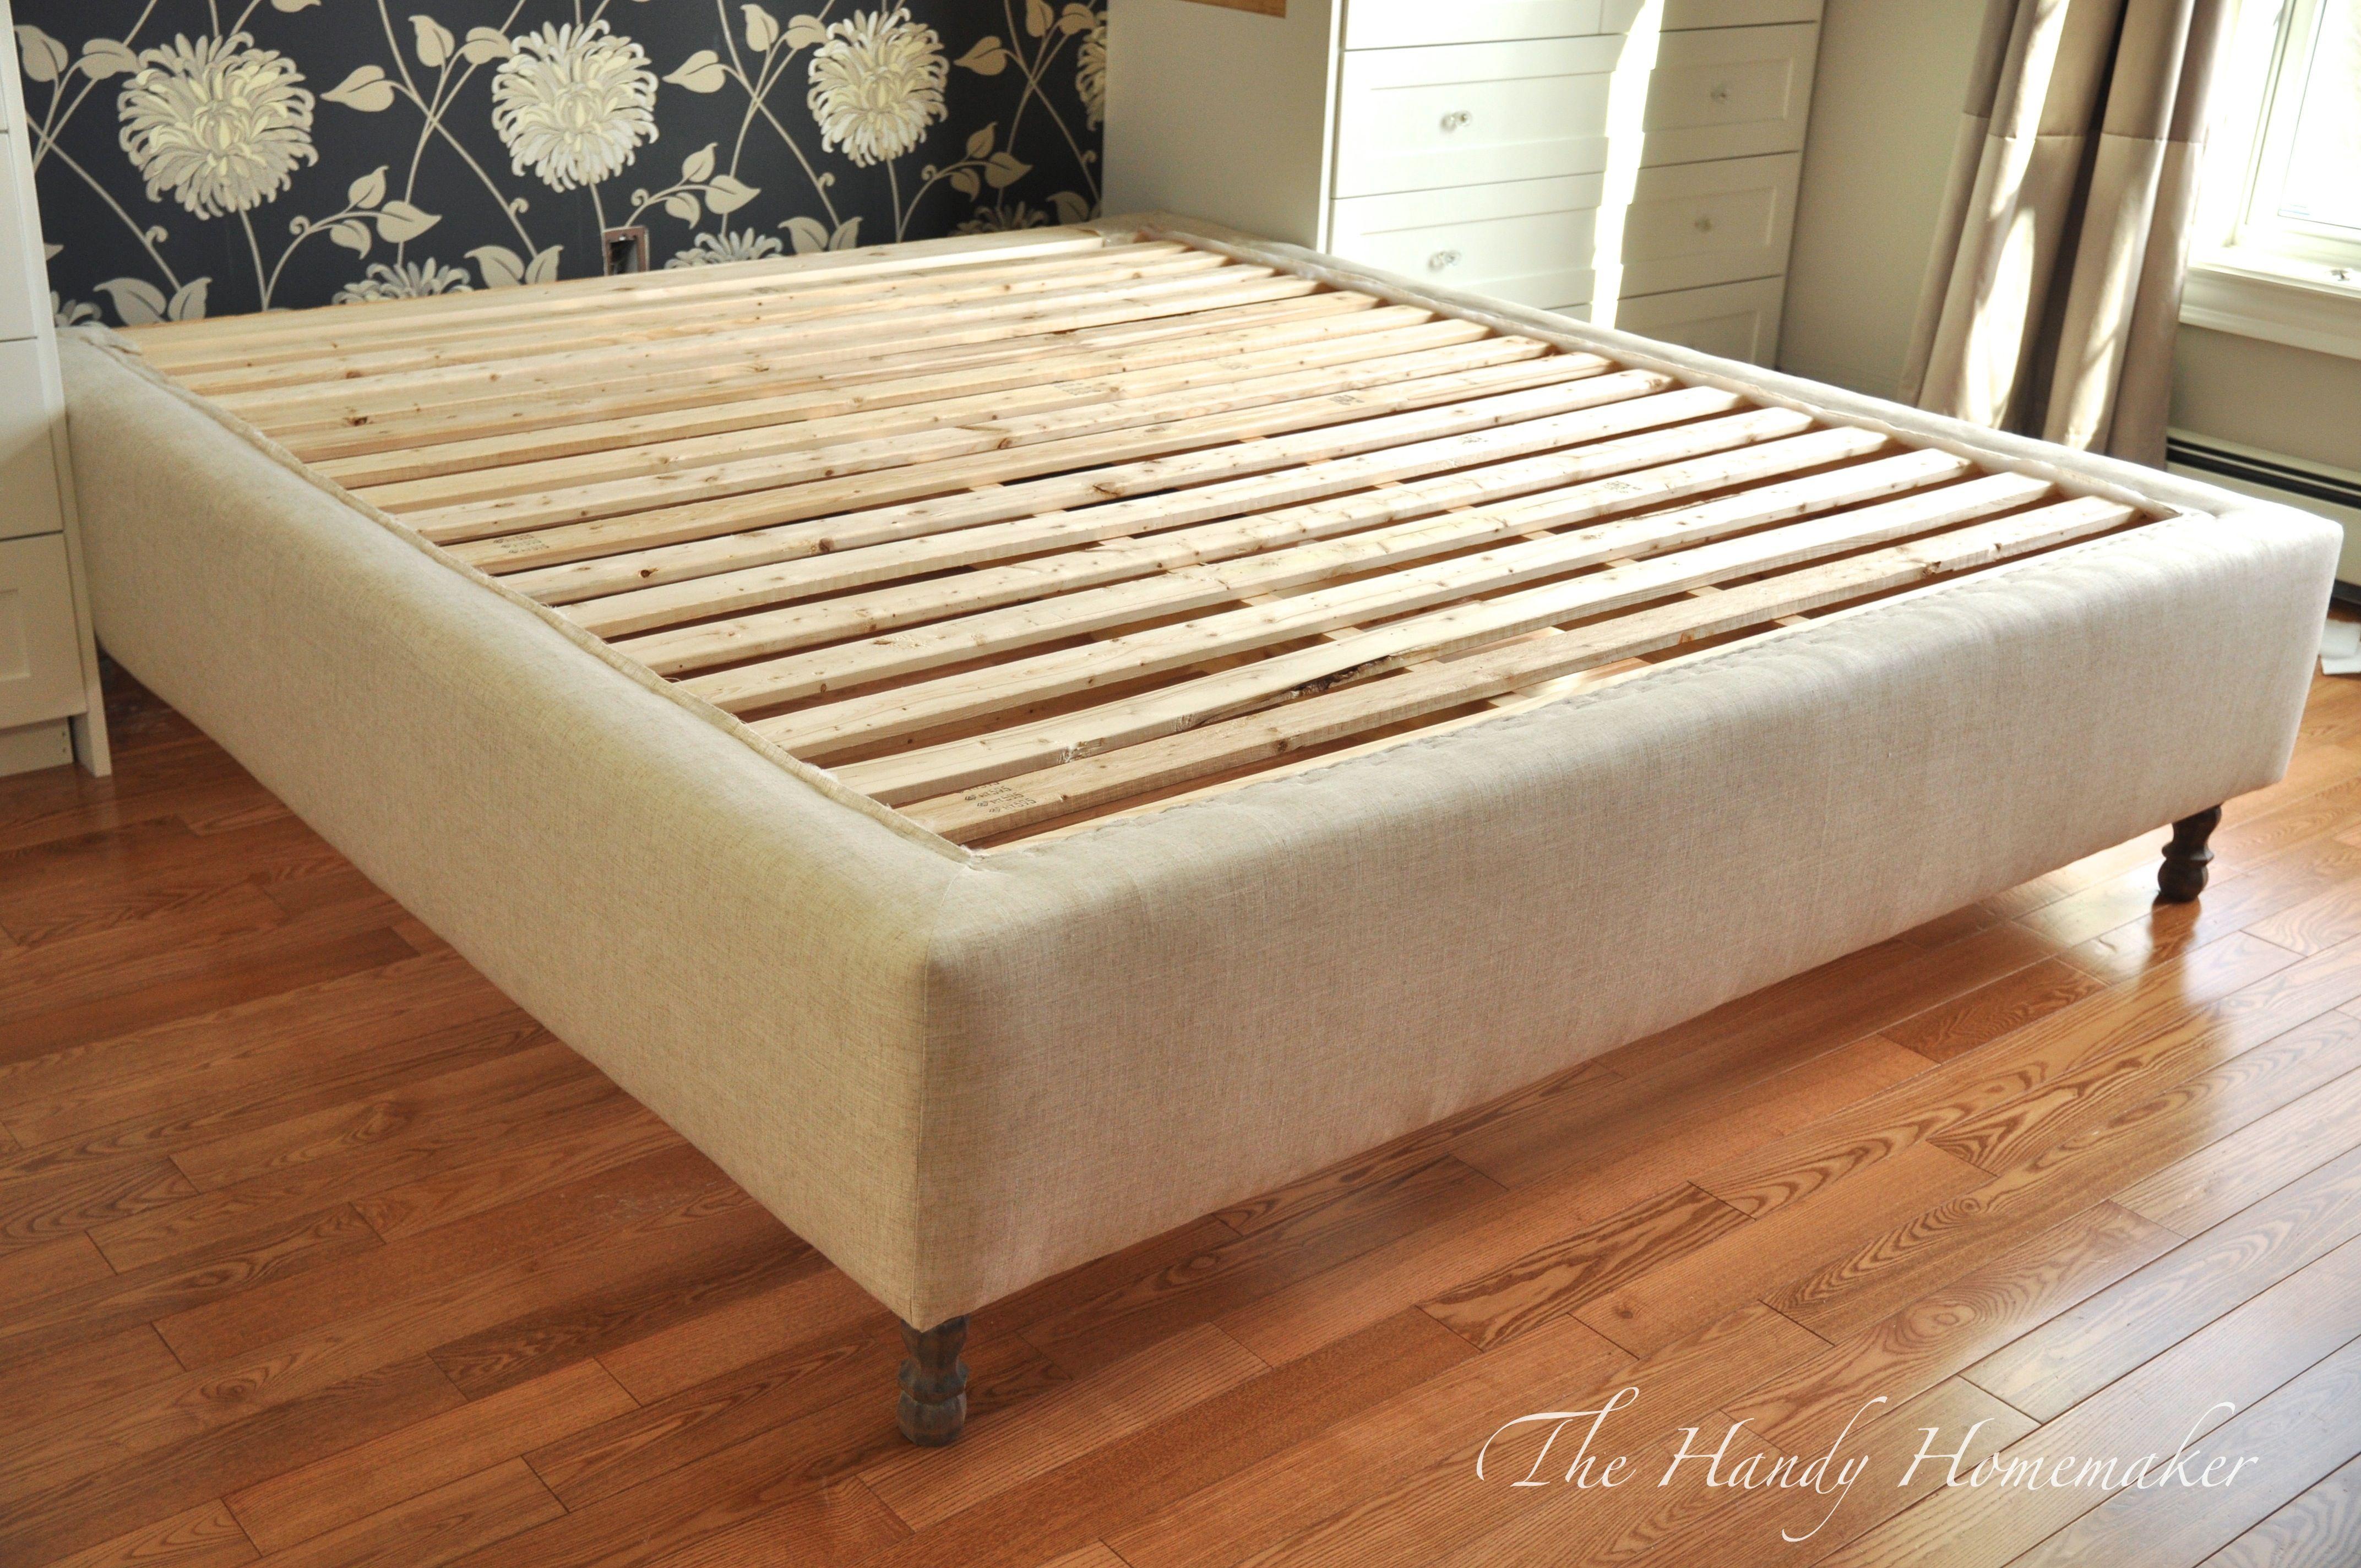 Upholstered Bed Frame Diy Part 1 Upholstered Bedframe Diy